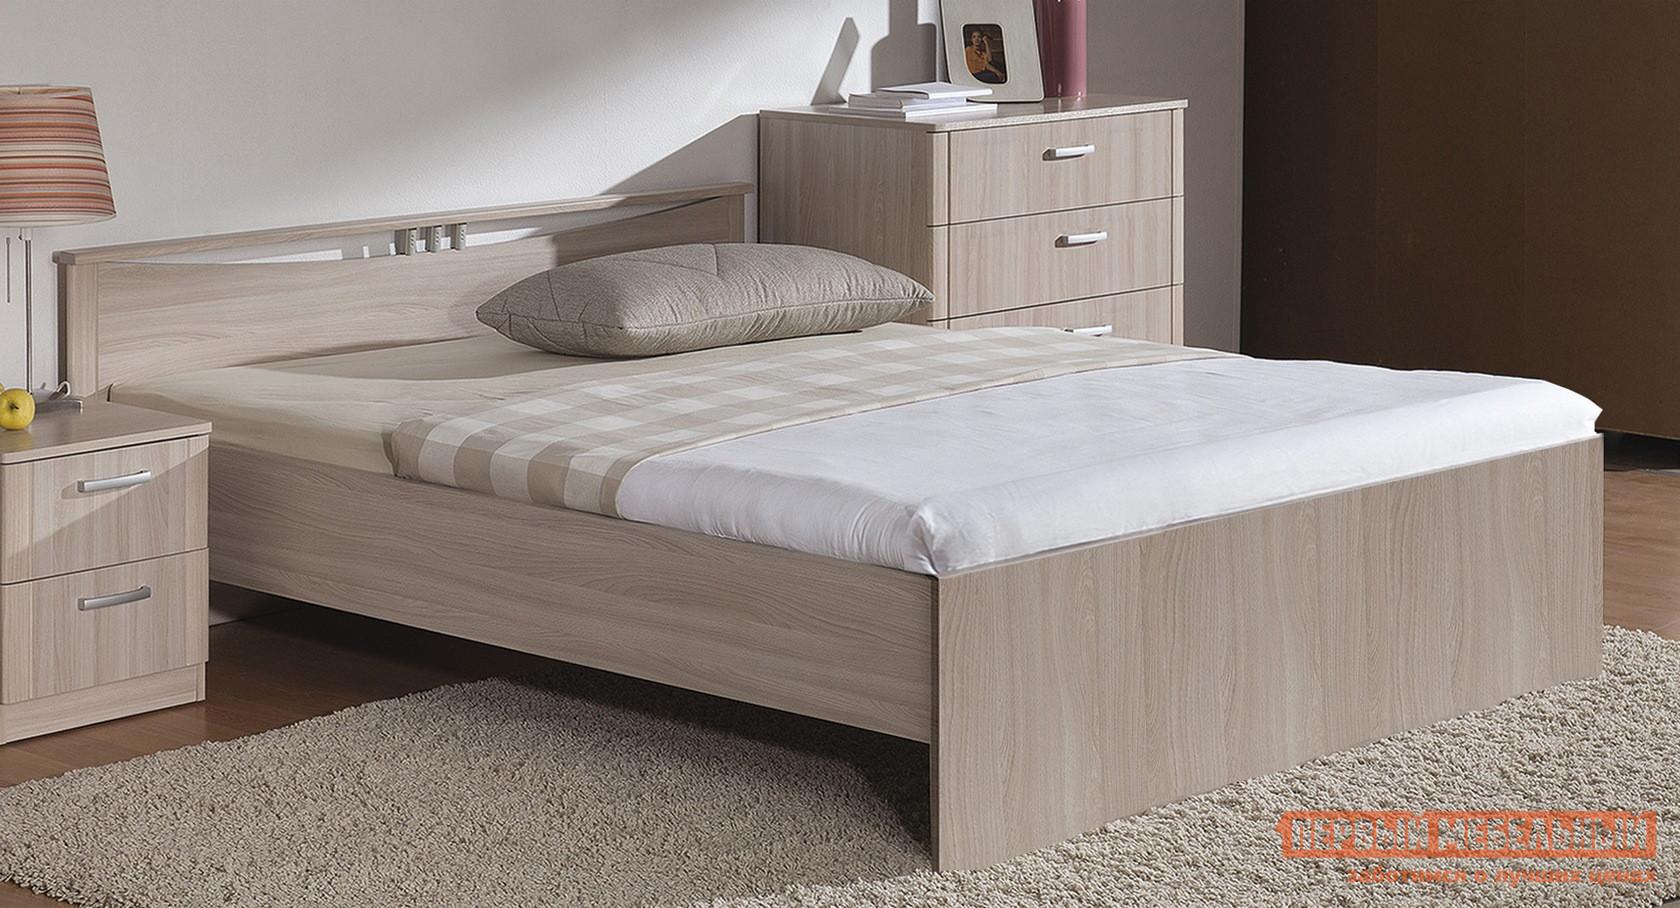 Кровать Боровичи Мелисса Шимо светлый, Спальное место 1600 X 2000 ммДвуспальные кровати<br>Габаритные размеры ВхШхГ 710x900 / 1700x2100 мм. Большая двуспальная кровать, выполненная в классическом стиле, позволит создать уютную обстановку для сна и отдыха в спальне. Изголовье оформлено изящным вырезом с декоративными элементами. Боковые части каркаса имеют обрамления из массива березы, которые обеспечивают прочность и износостойкость кровати. Основание кровати выполняется из деревянных брусьев.  Размеры спального места:800 х 2000 мм;900 х 2000 мм;1200 х 2000 мм;1400 х 2000 мм;1600 х 2000 мм. Обратите внимание! Кровать продается без матраса, подходящие варианты матрасов вы можете найти в разделе «Аксессуары». Кровать выполнена из массива березы.<br><br>Цвет: Светлое дерево<br>Высота мм: 710<br>Ширина мм: 900 / 1700<br>Глубина мм: 2100<br>Форма поставки: В разобранном виде<br>Срок гарантии: 18 месяцев<br>Тип: Простые<br>Материал: Дерево<br>Материал: Натуральное дерево<br>Порода дерева: Береза<br>Размер: Спальное место 120Х200<br>Размер: Спальное место 140Х200<br>Размер: Спальное место 160Х200<br>Размер: Спальное место 90Х200<br>Размер: Спальное место 80Х200<br>С ортопедическим основанием: Да<br>На ножках: Да<br>Без изножья: Да<br>Без подъемного механизма: Да